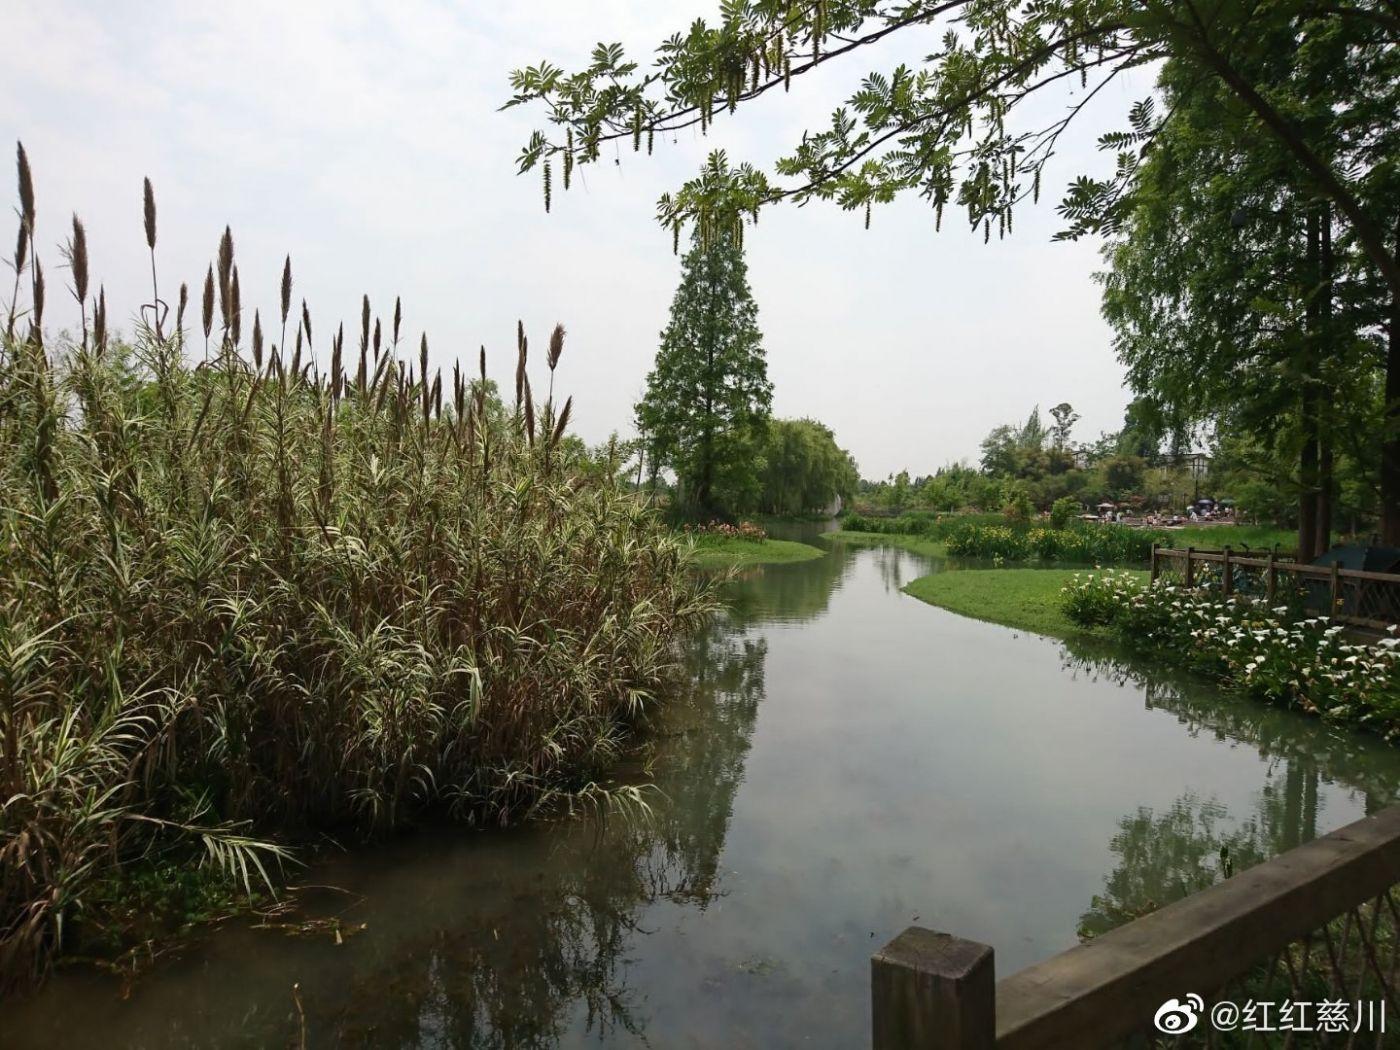 成都幸福田园_图1-7